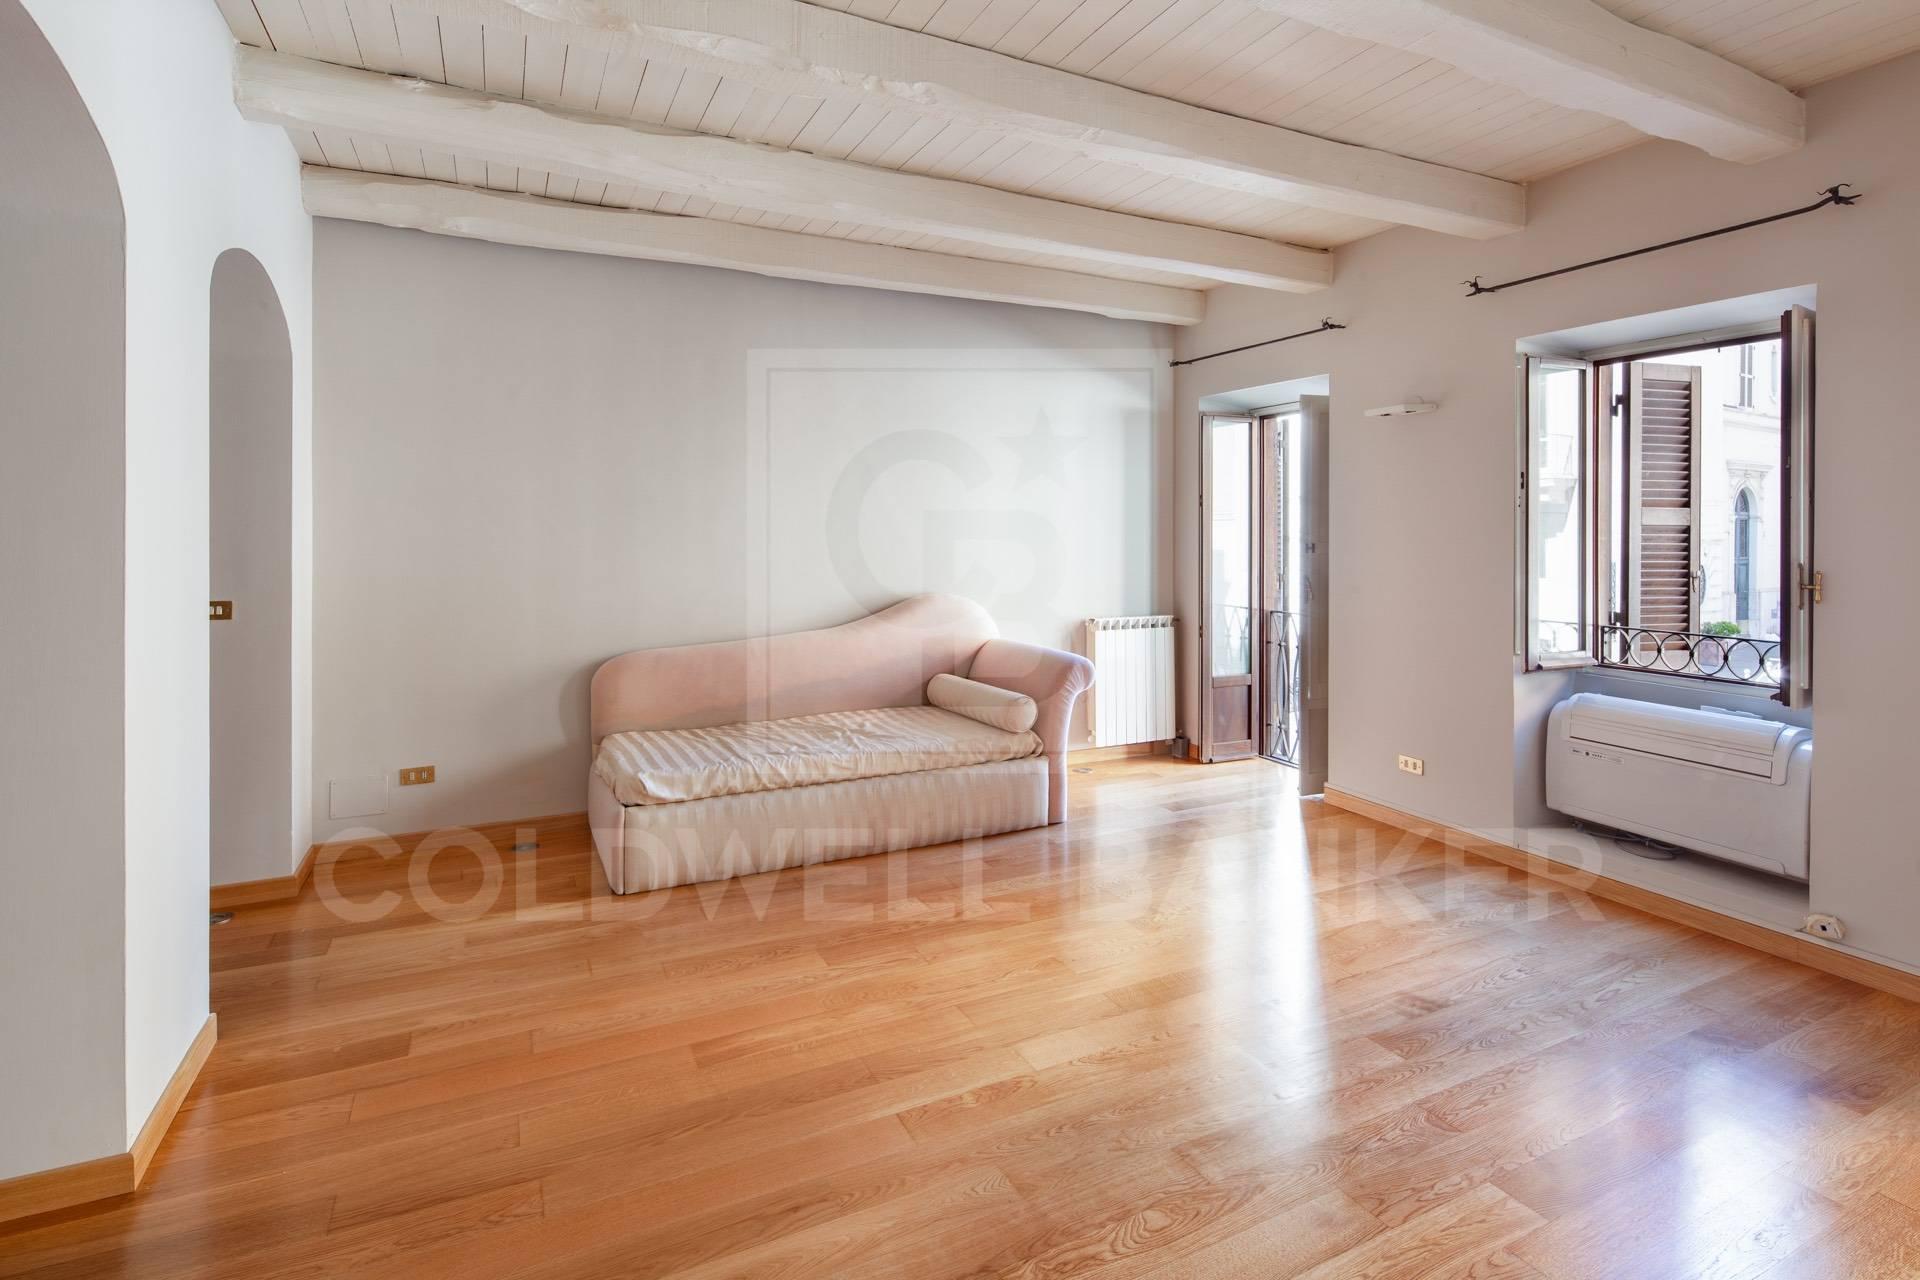 Appartamento in Vendita a Roma: 3 locali, 80 mq - Foto 2